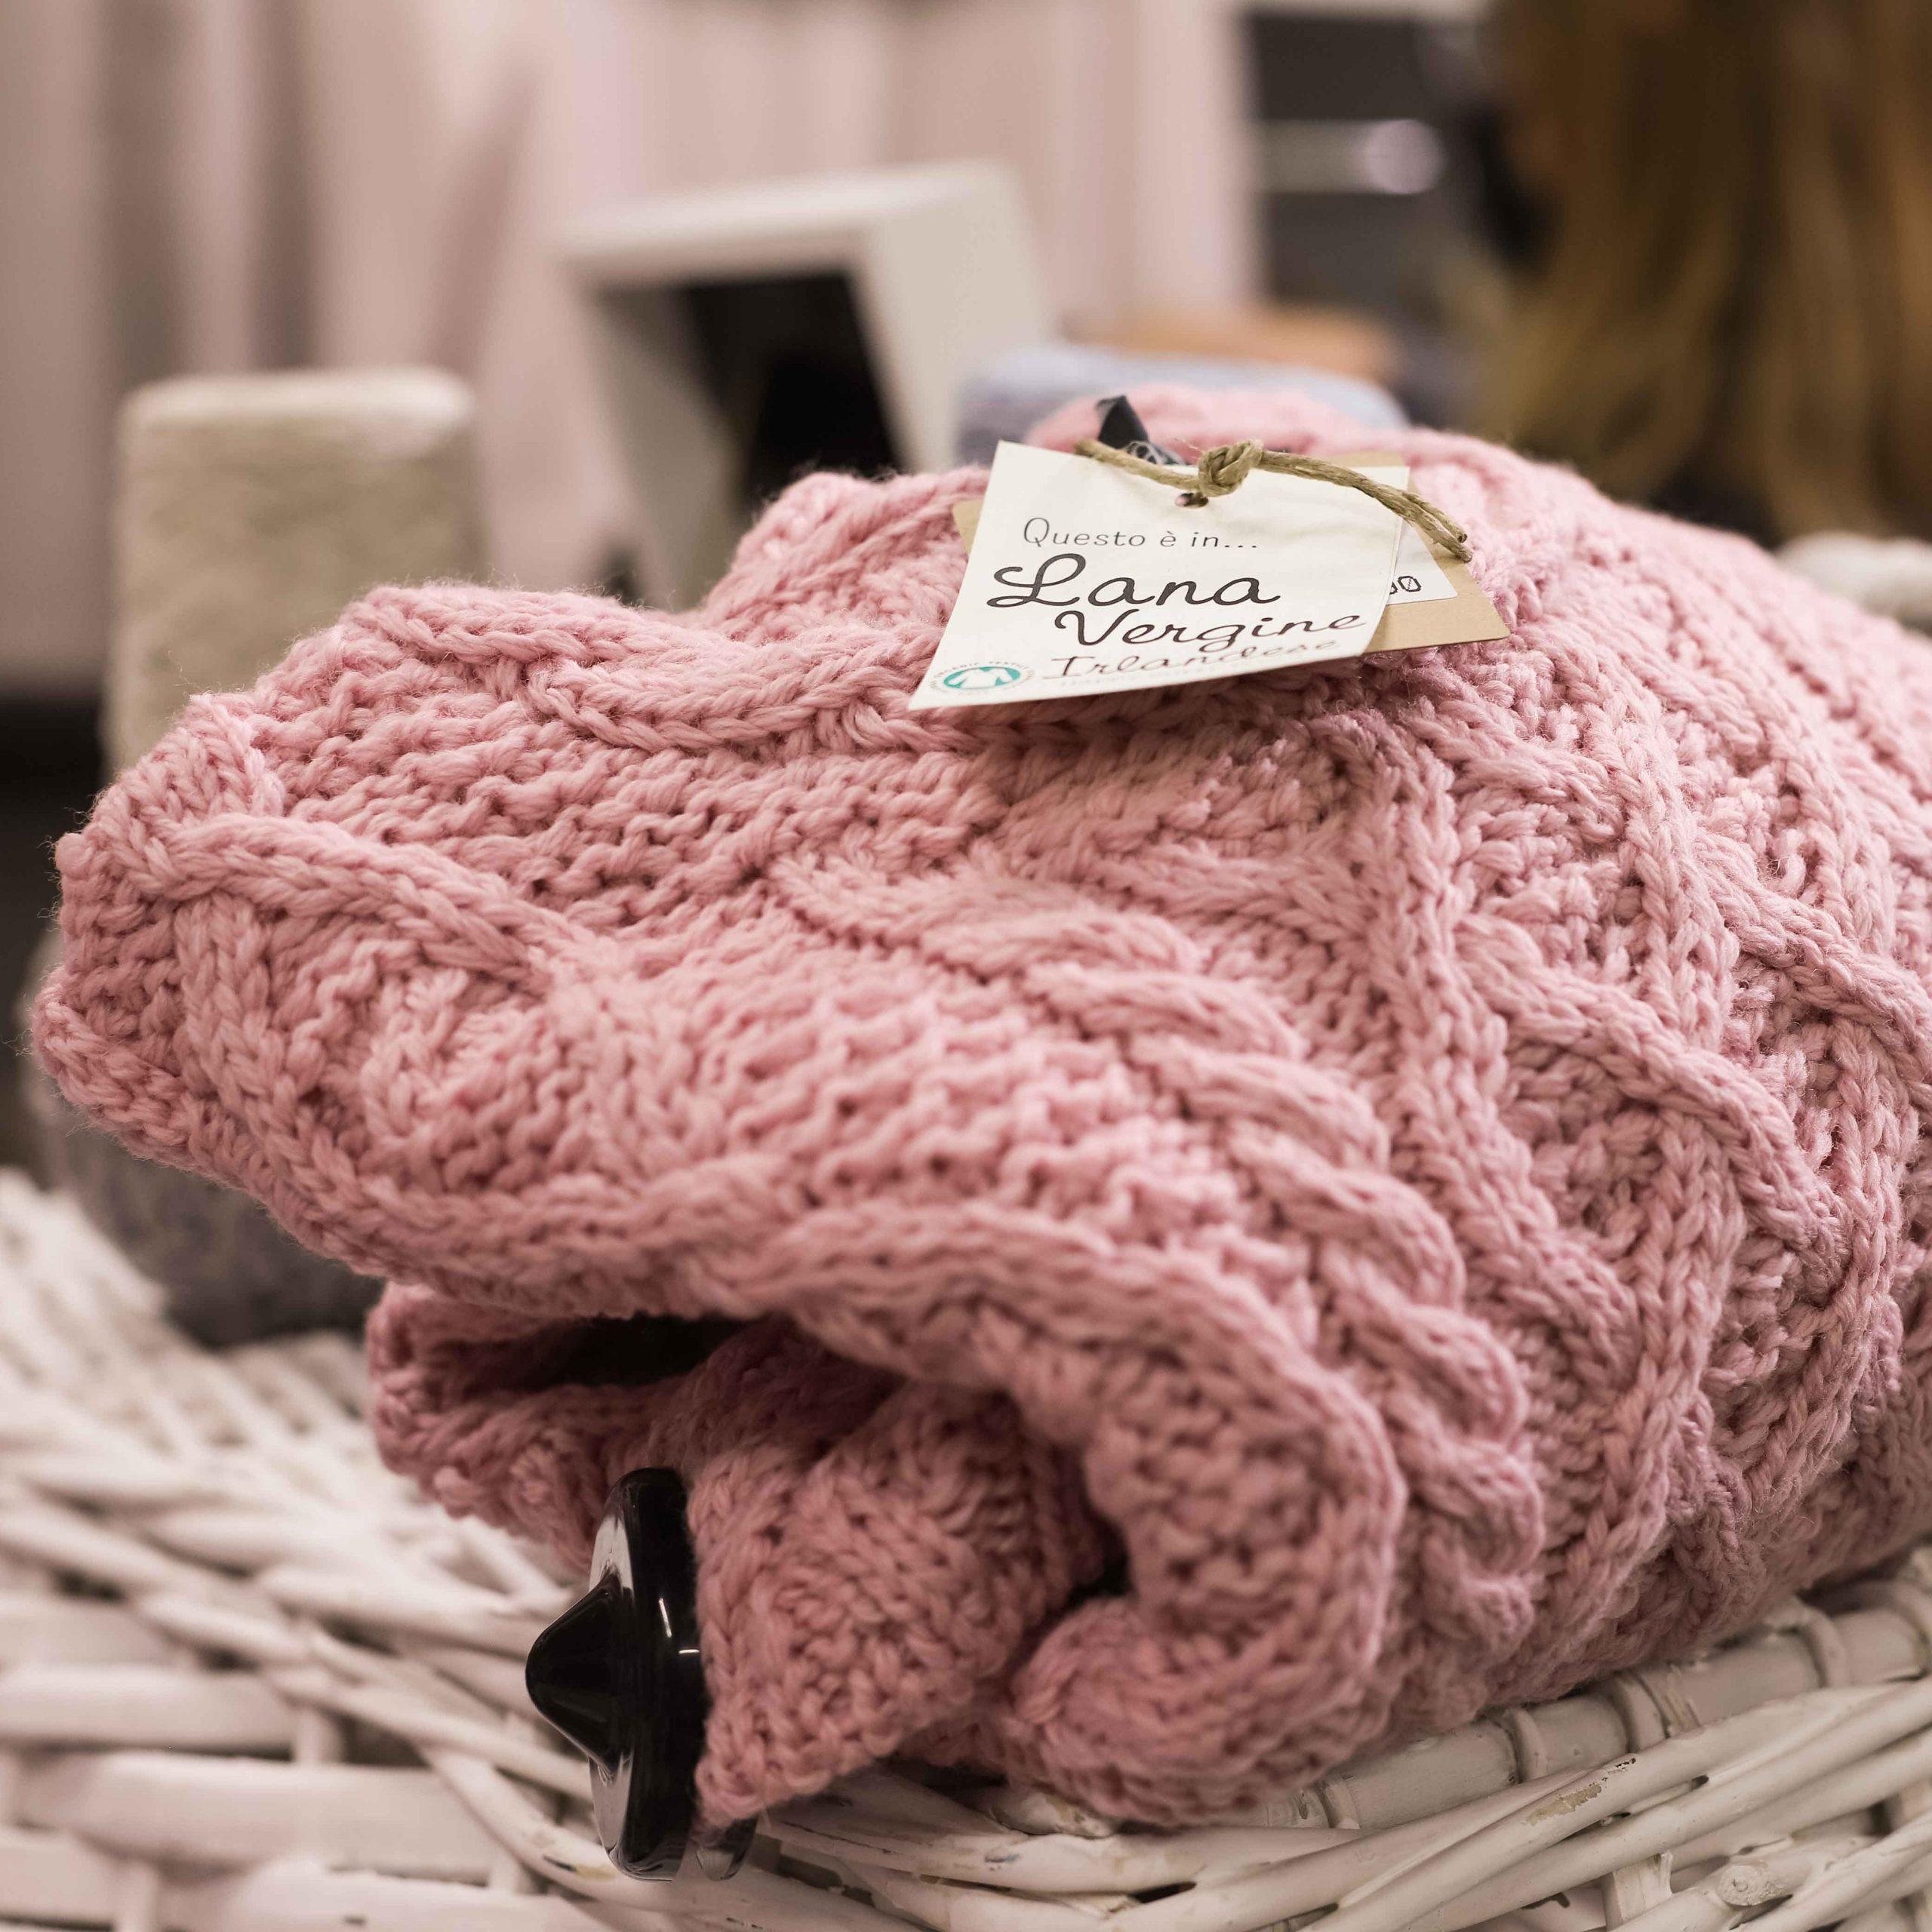 Maglioni lana Lizè